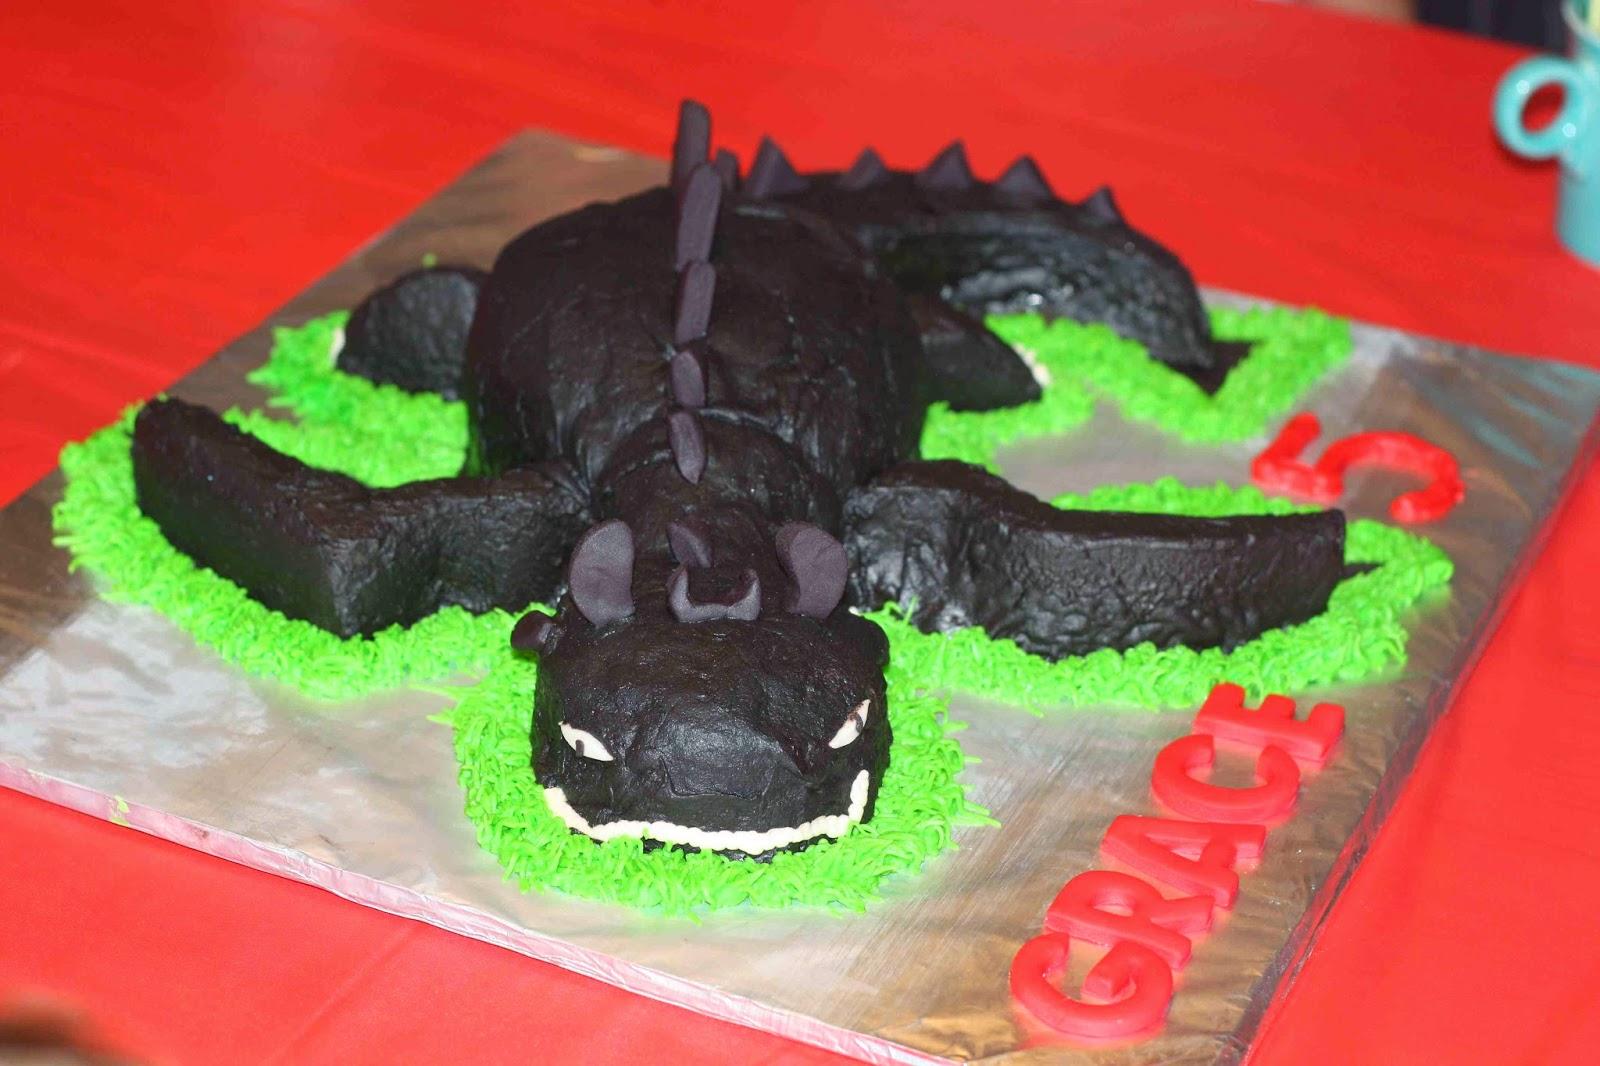 Life in Dar: March 1, 2014 - Dragon Birthday!